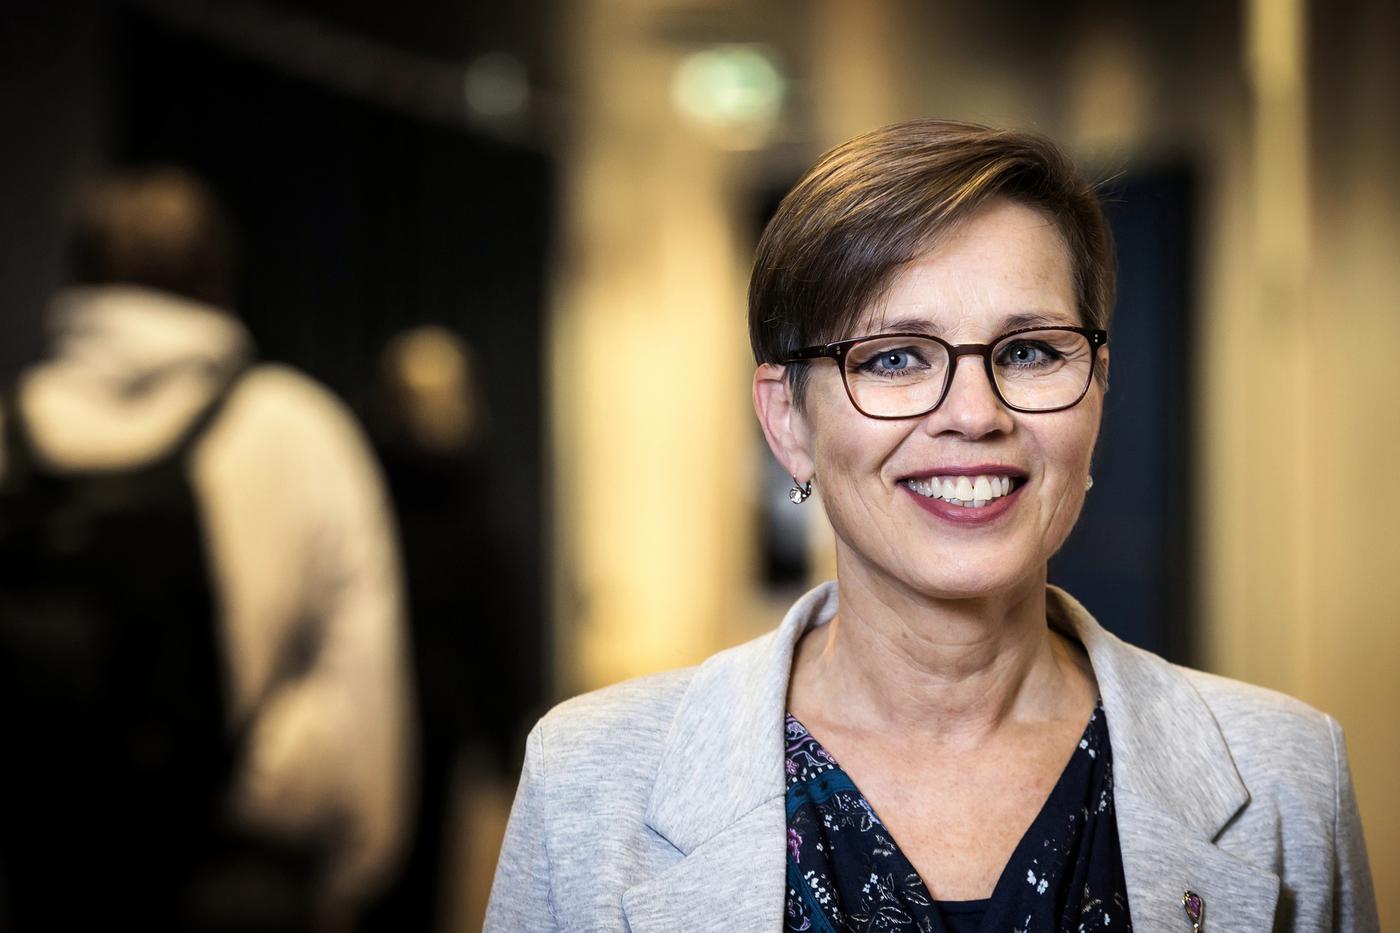 María Dóra Björnsdóttir